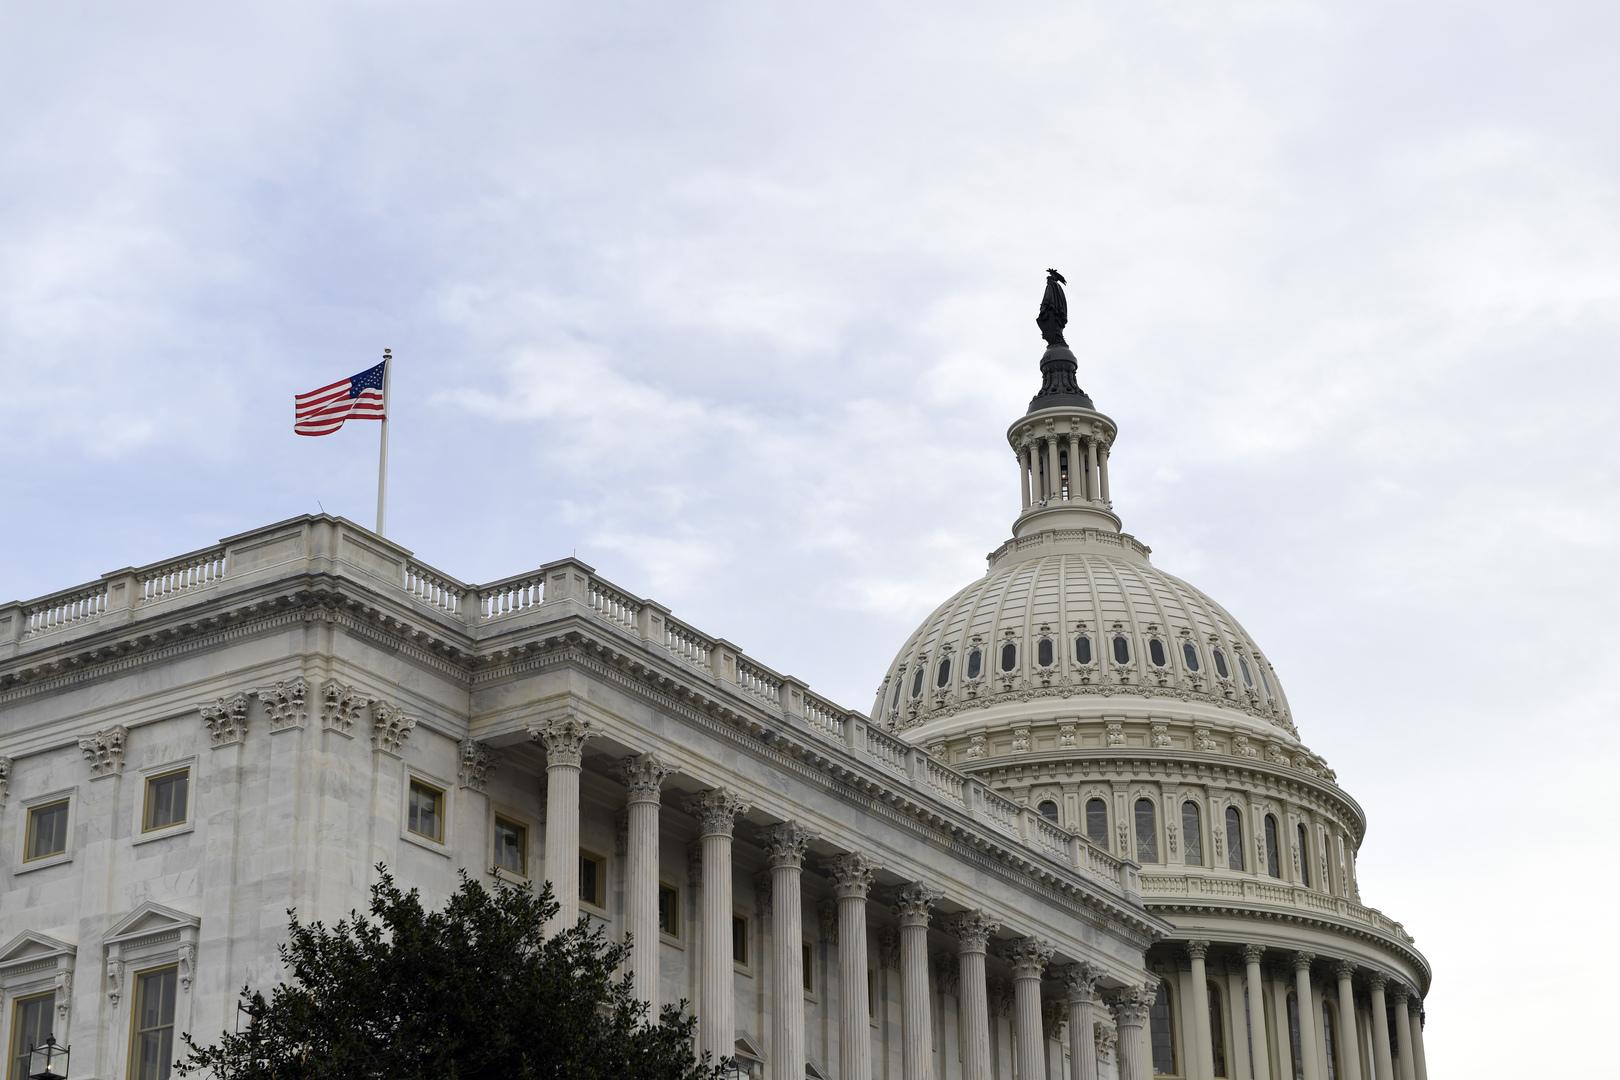 مشرعة أمريكية تطالب بالحد من صادرات الأسلحة لإسرائيل والسعودية وتل أبيب ترد بشدة